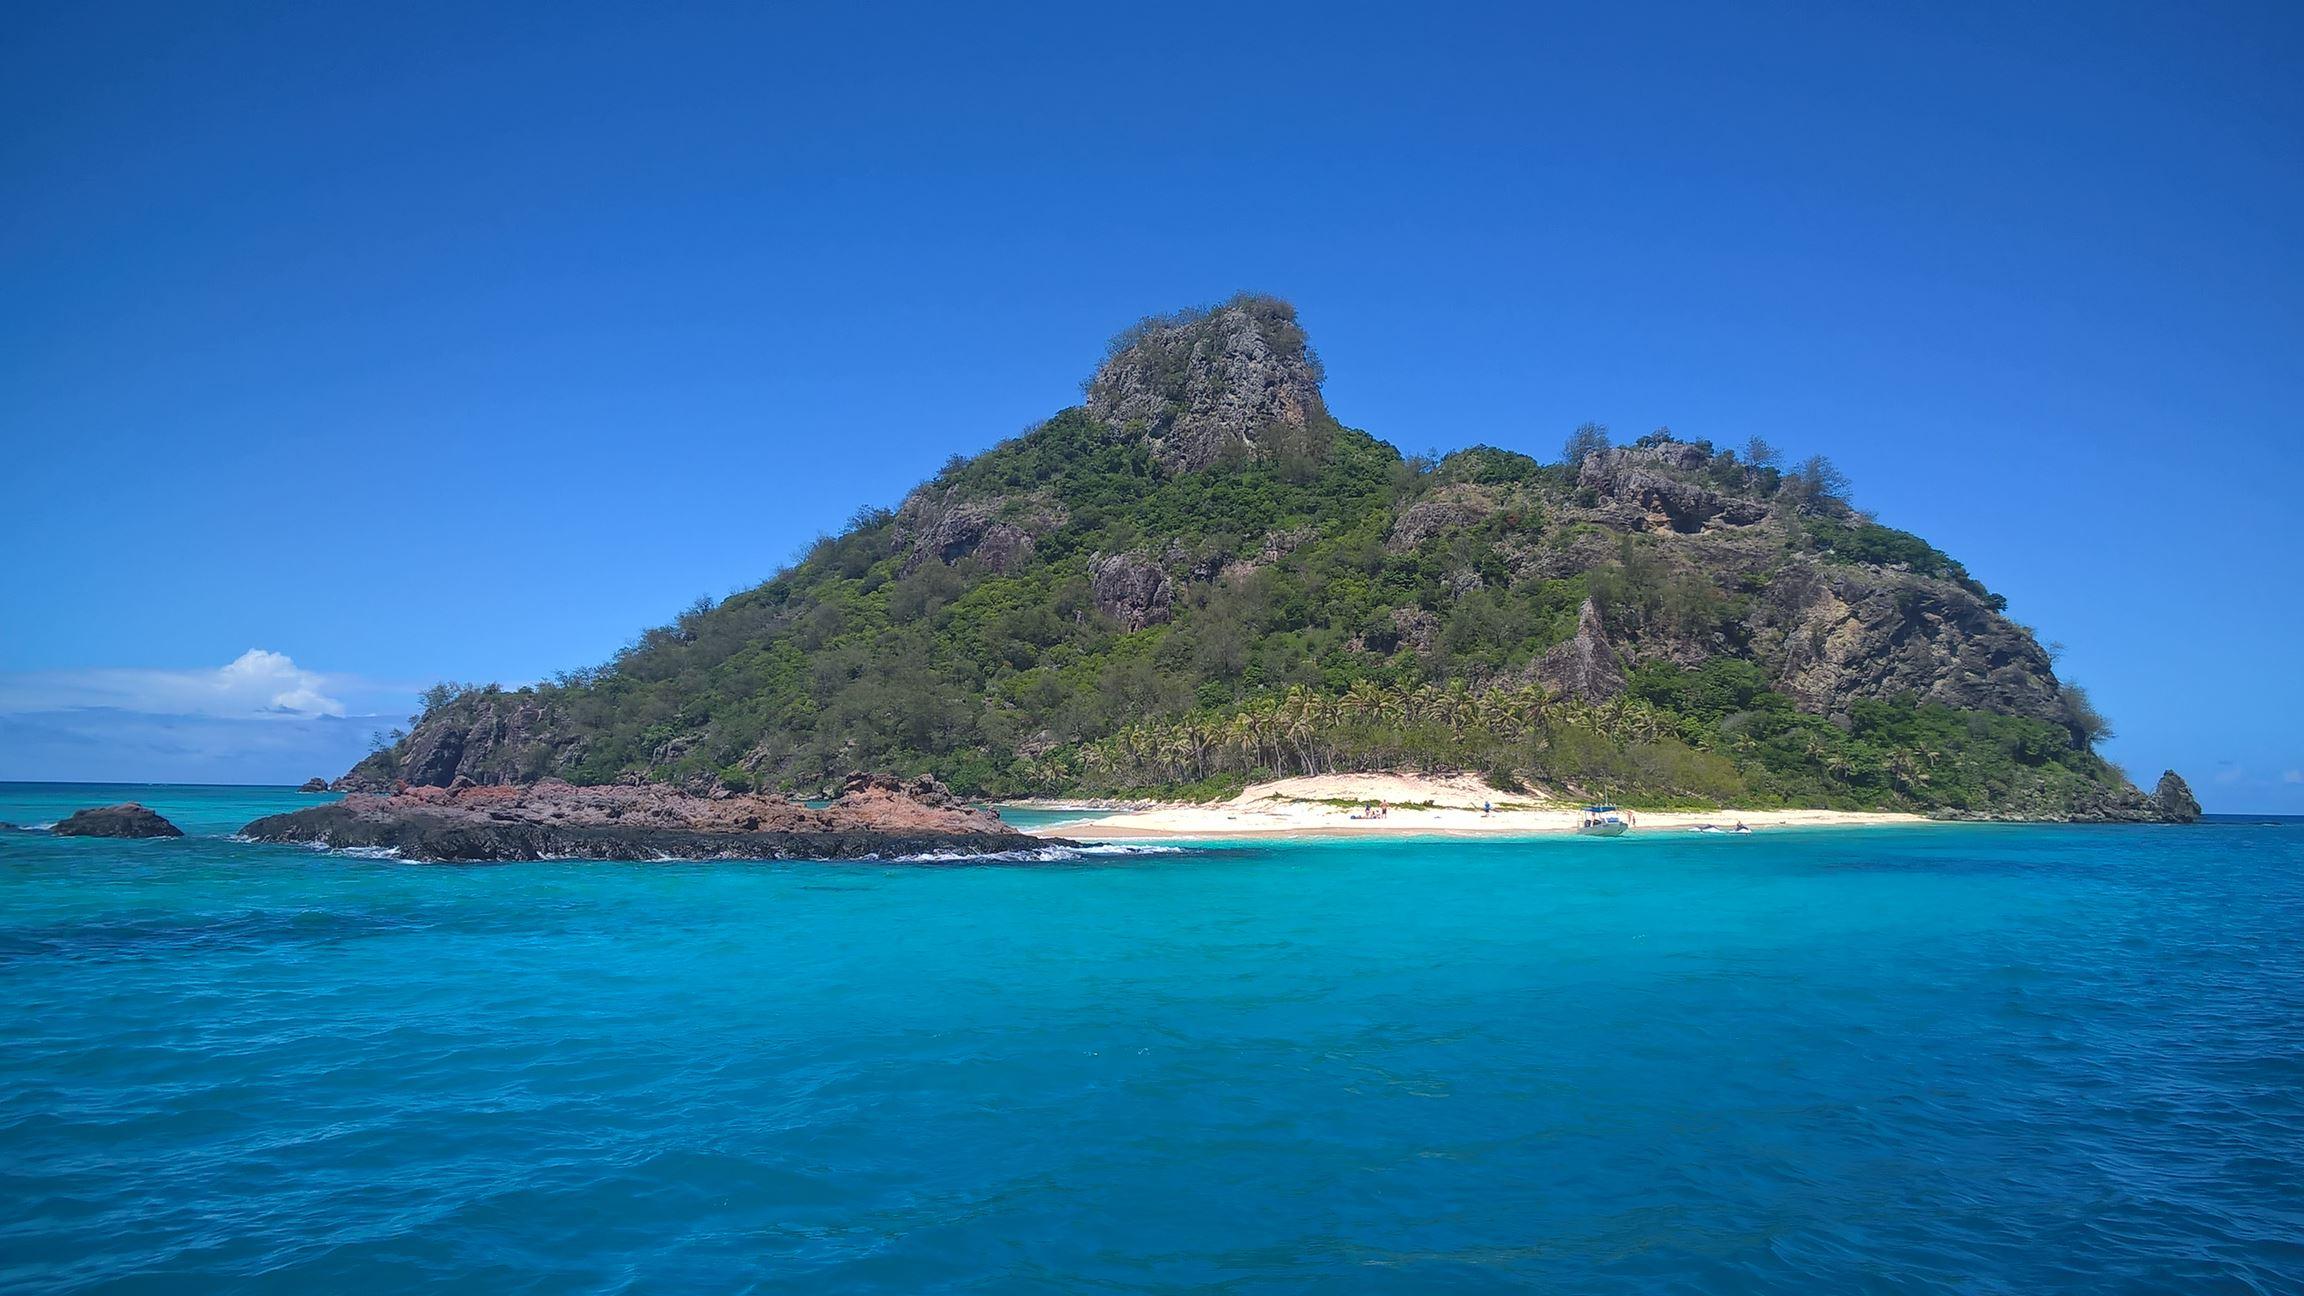 Die Cast-Away Insel